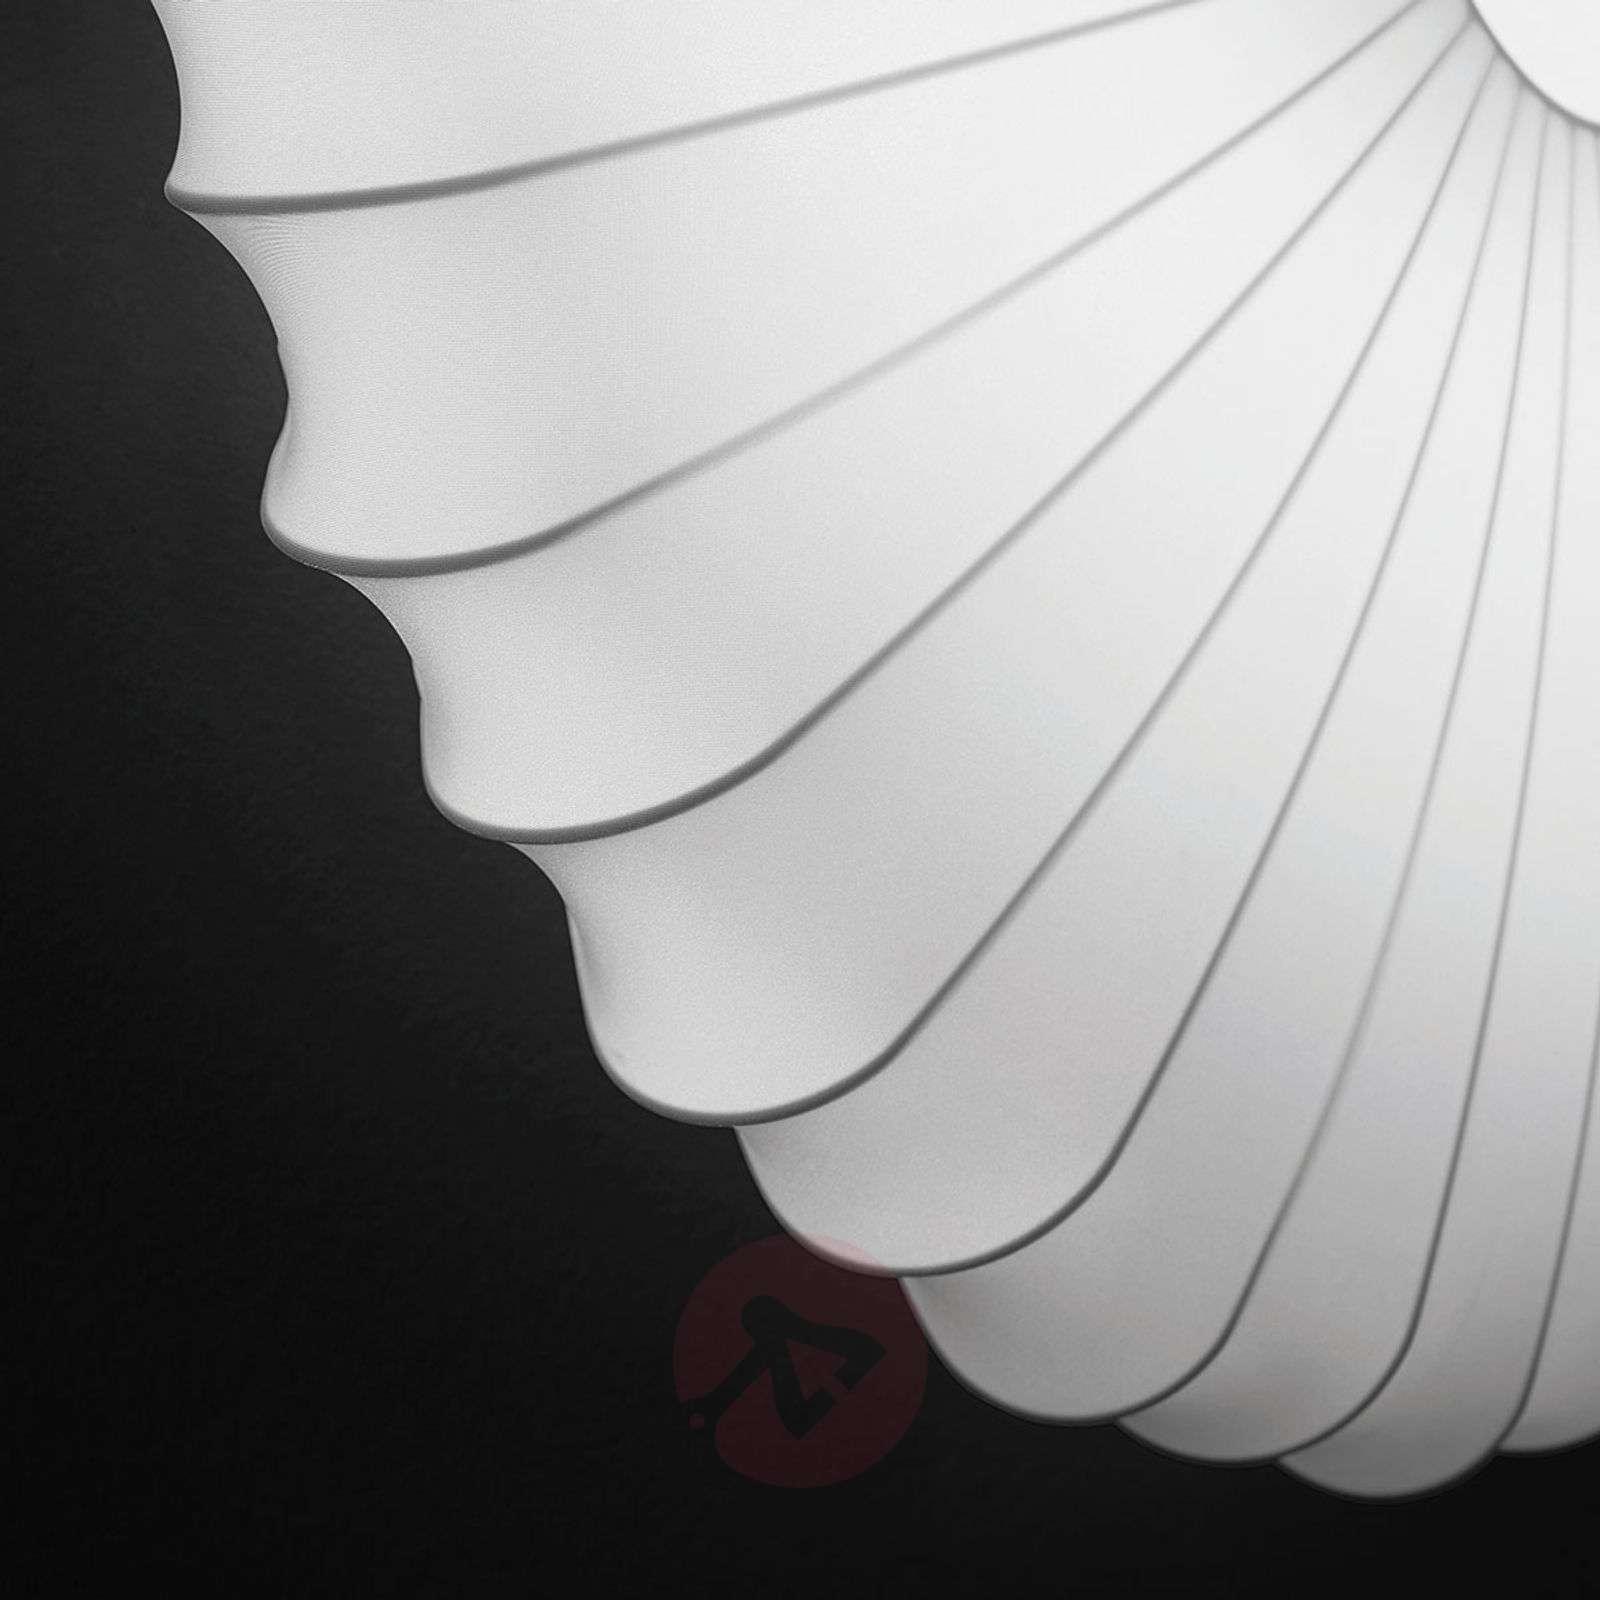 Axolight Muse-seinävalaisin valkoinen-1088017-01